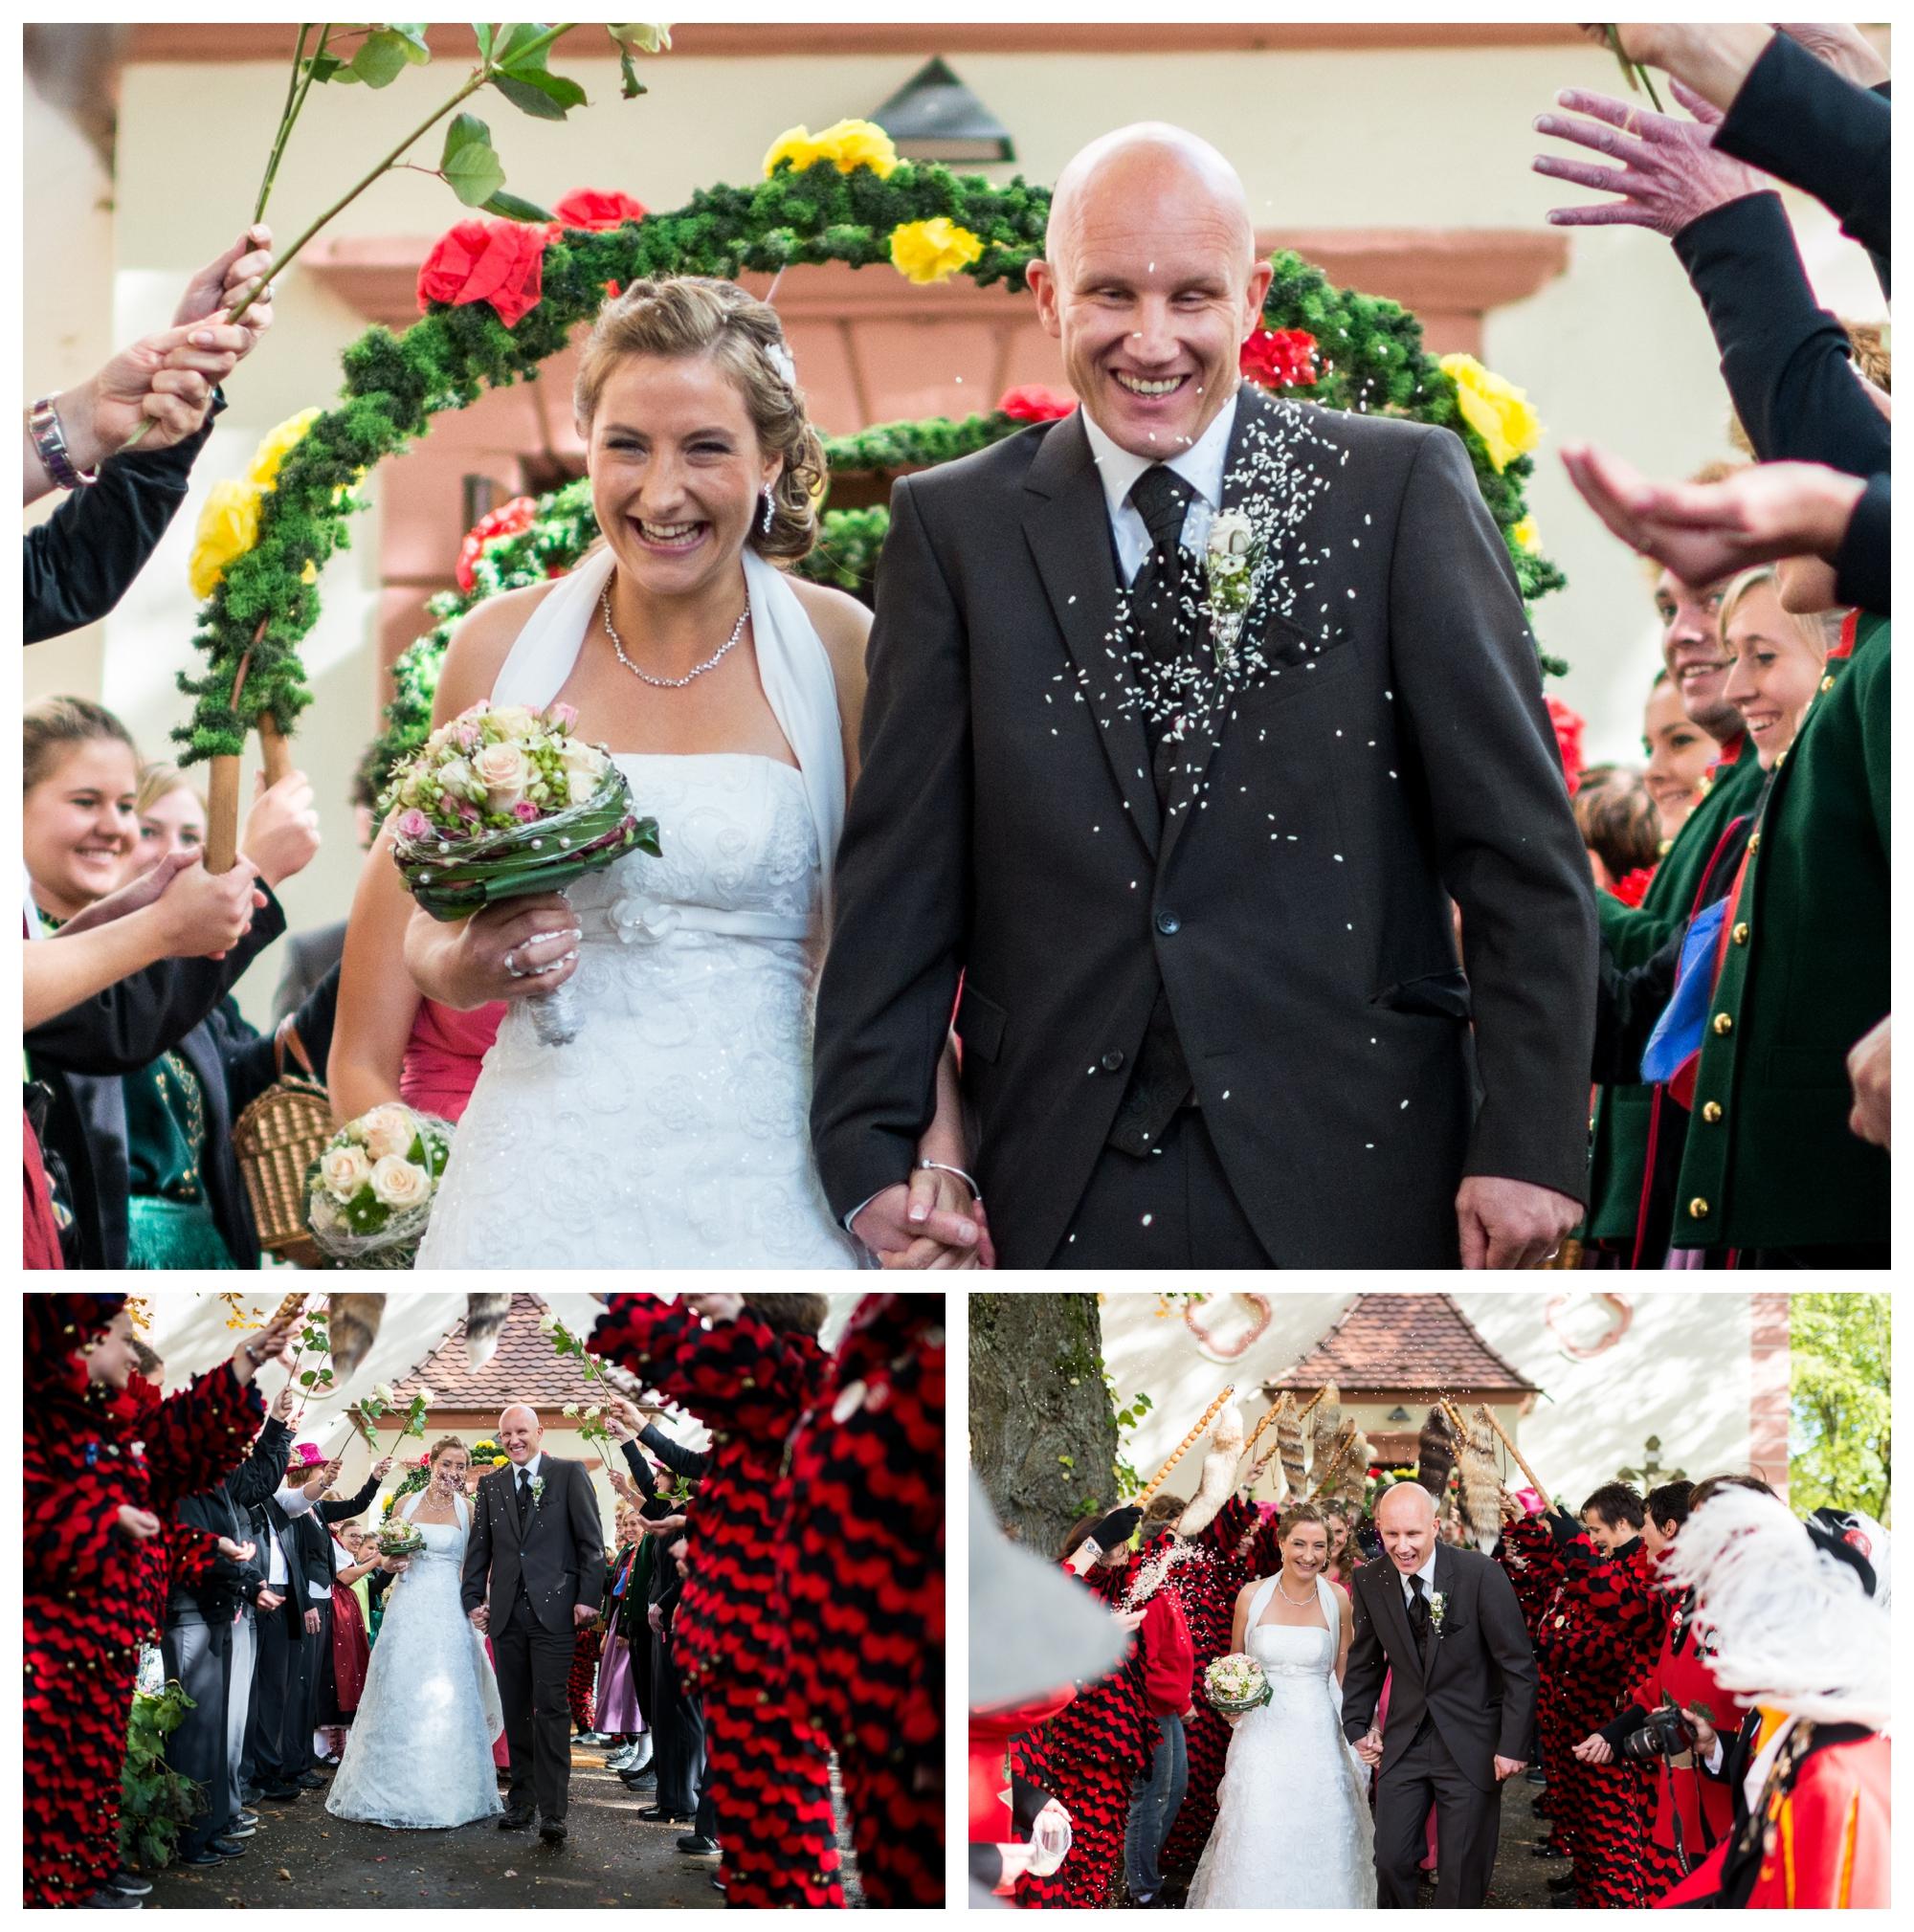 Fotograf Konstanz - Als Hochzeitsfotograf in Bad Dürrheim unterwegs  - 36 -